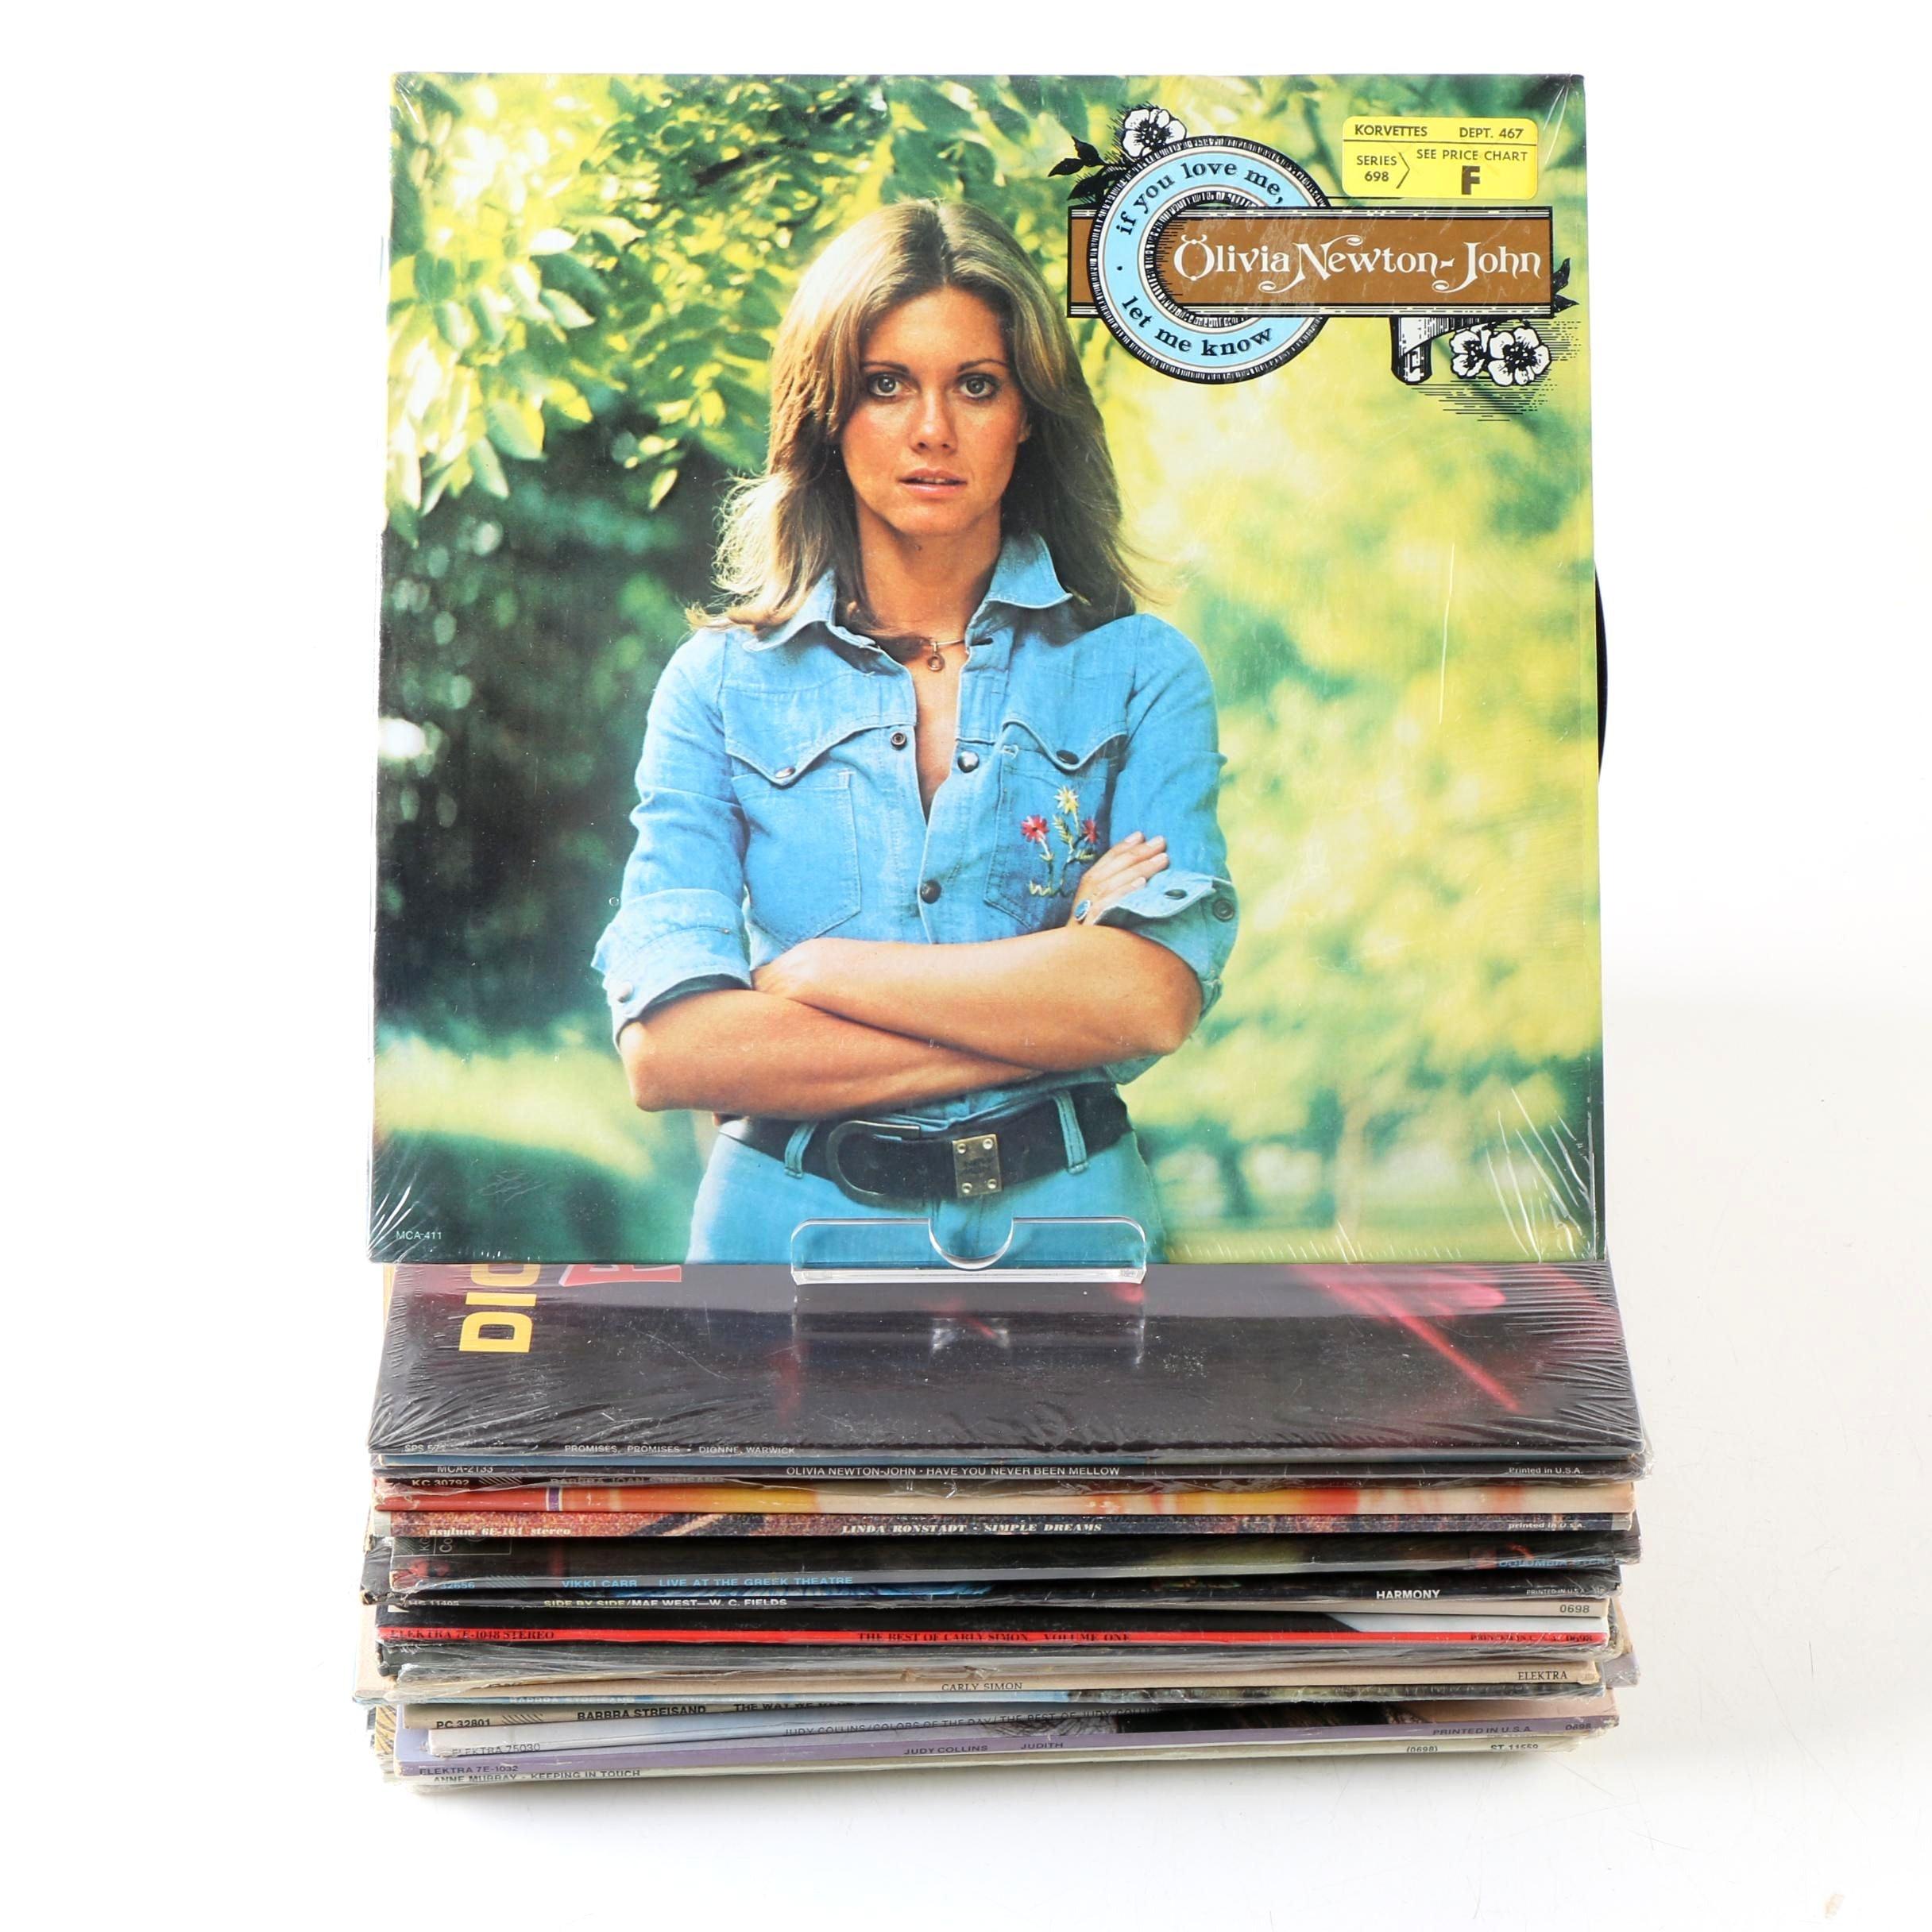 60s - 70s female singer lps